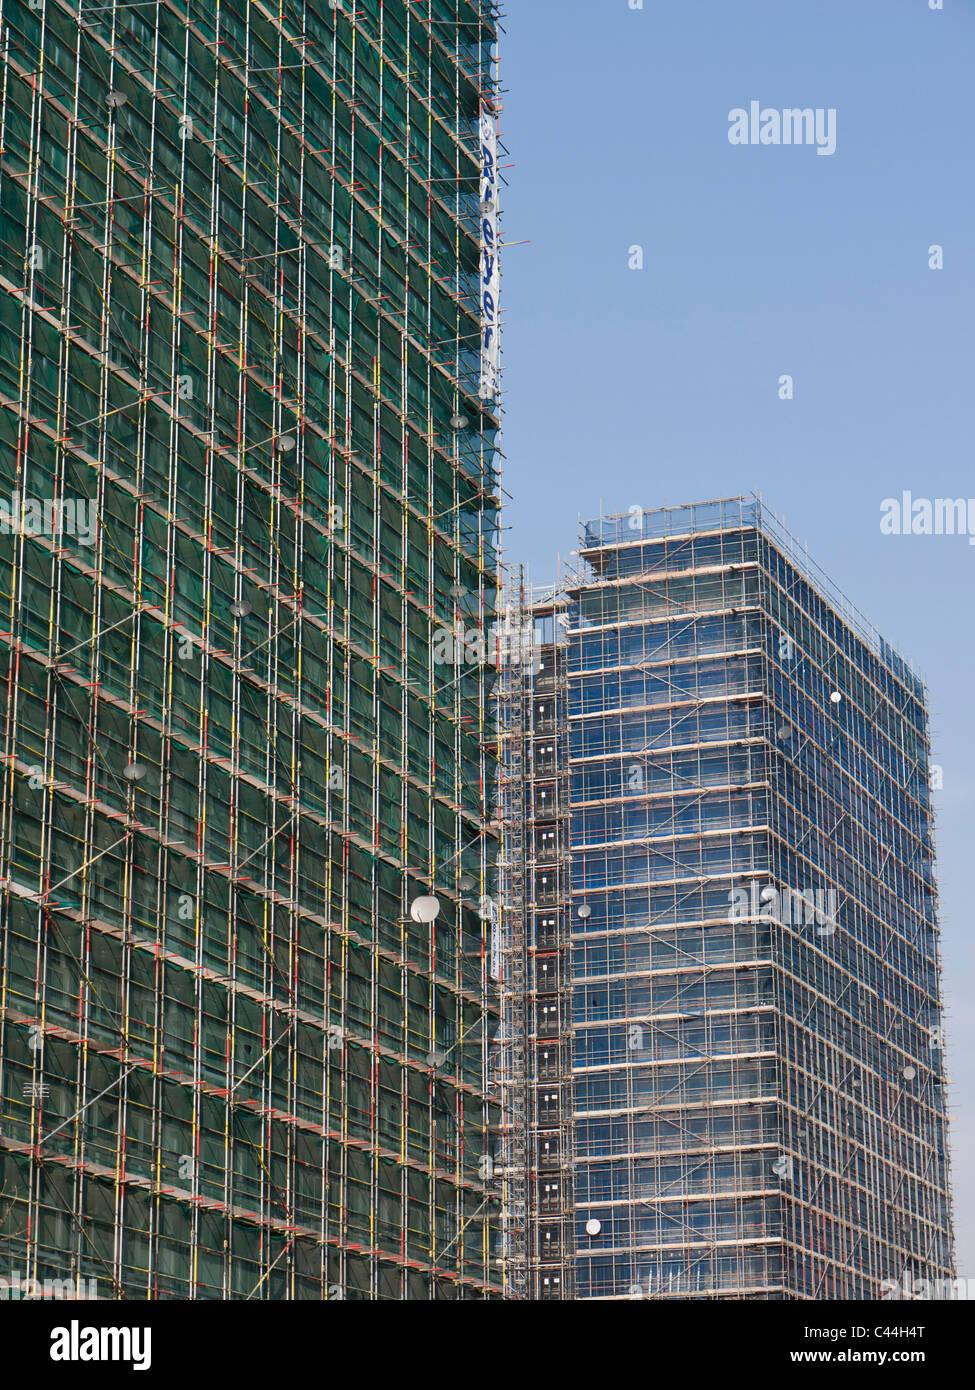 Residential tower blocks covered in scaffolding near Shepherd's Bush London UK - Stock Image